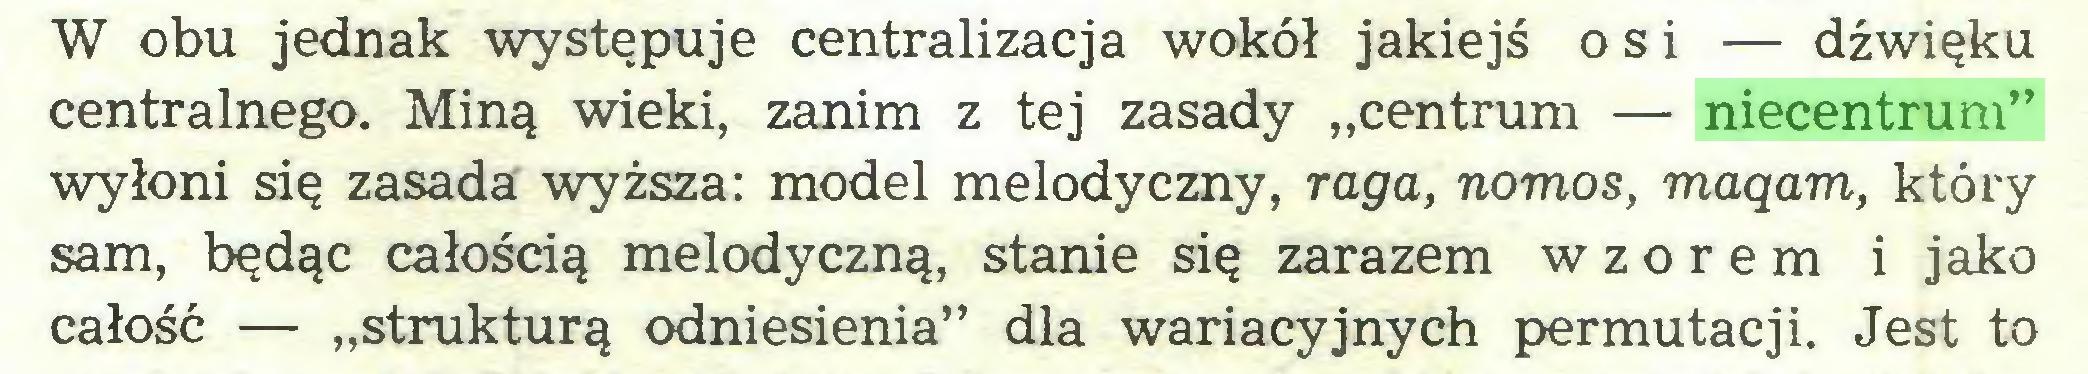 """(...) W obu jednak występuje centralizacja wokół jakiejś osi — dźwięku centralnego. Miną wieki, zanim z tej zasady """"centrum — niecentrum"""" wyłoni się zasada wyższa: model melodyczny, raga, nomos, maąam, który sam, będąc całością melodyczną, stanie się zarazem wzorem i jako całość — """"strukturą odniesienia"""" dla wariacyjnych permutacji. Jest to..."""